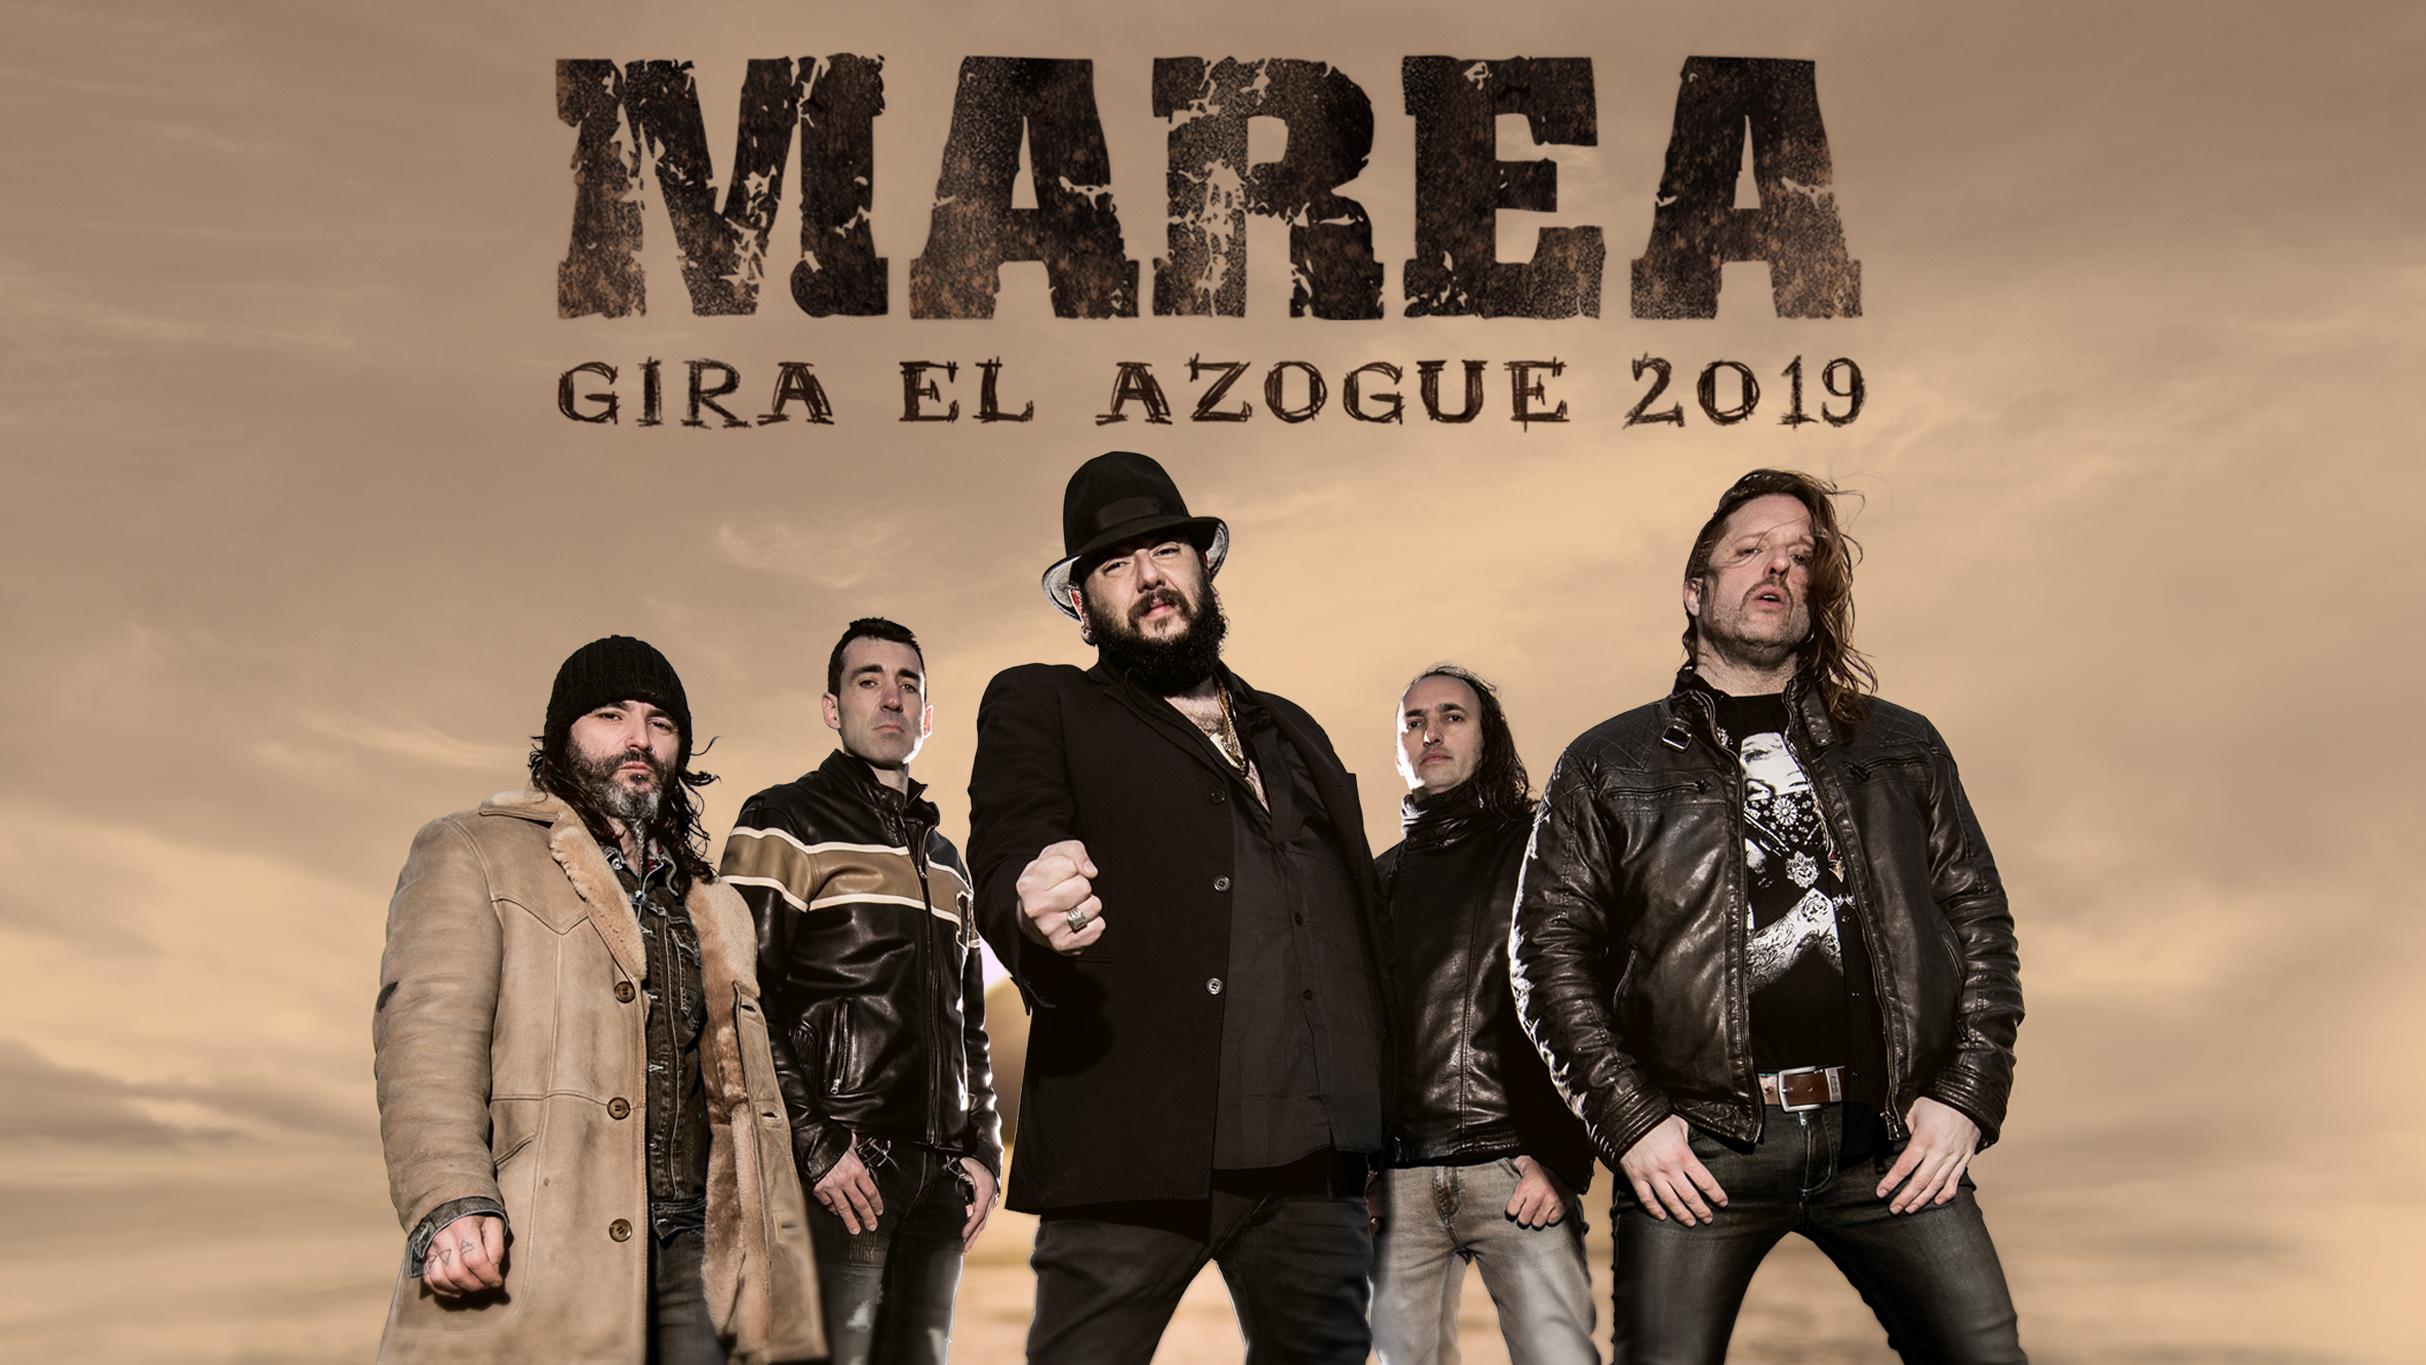 Marea regresa a Canarias para presentar en directo los temas de su último disco 'El azogue'